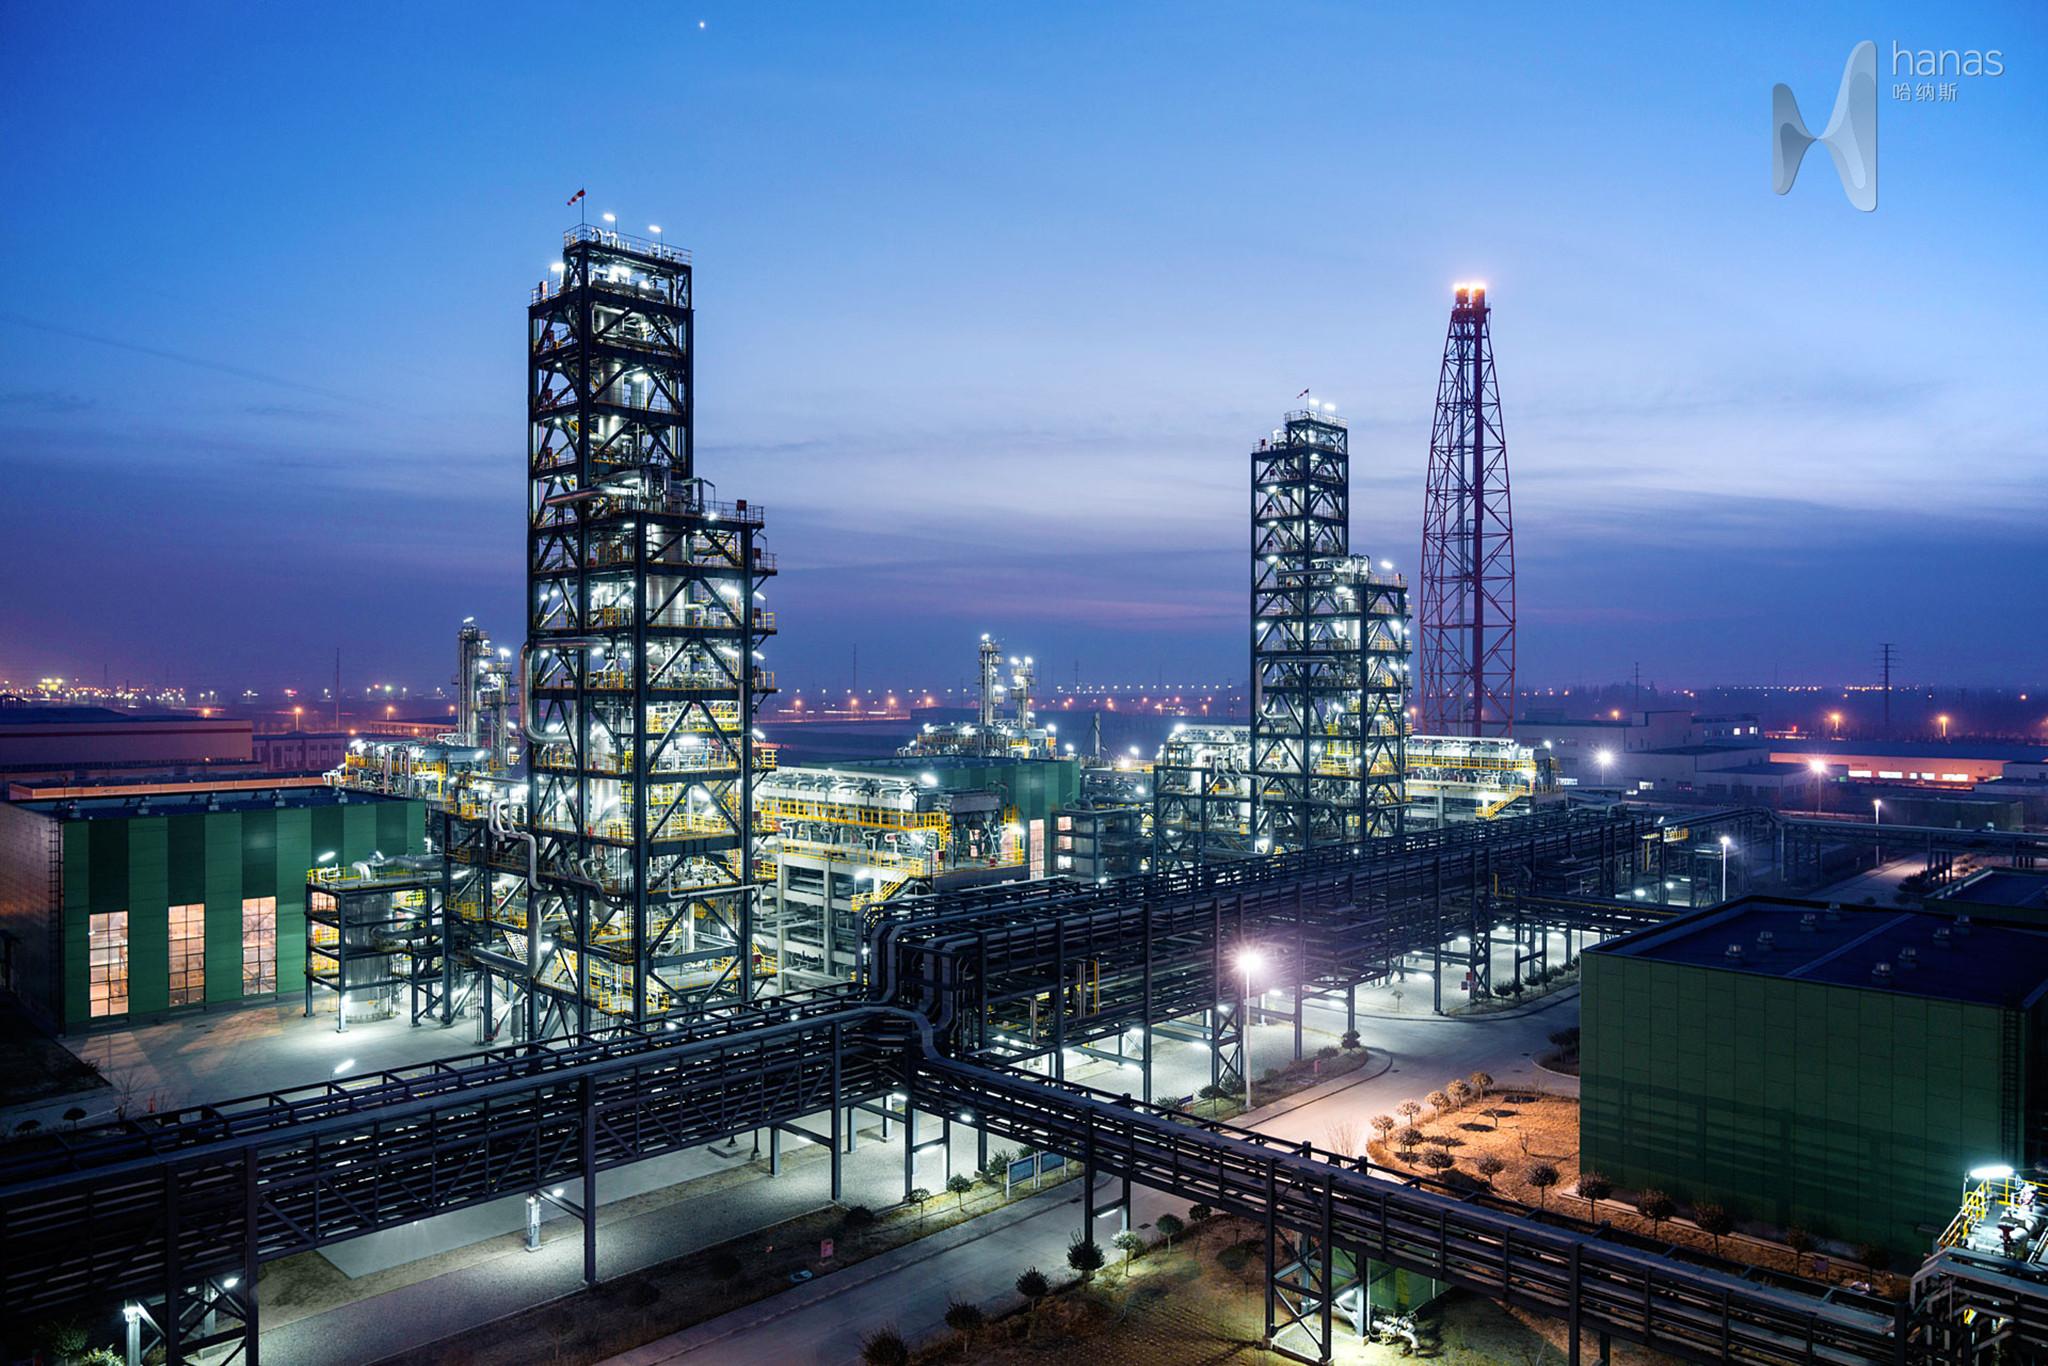 液化天然气工厂贝斯特全球最奢华3322